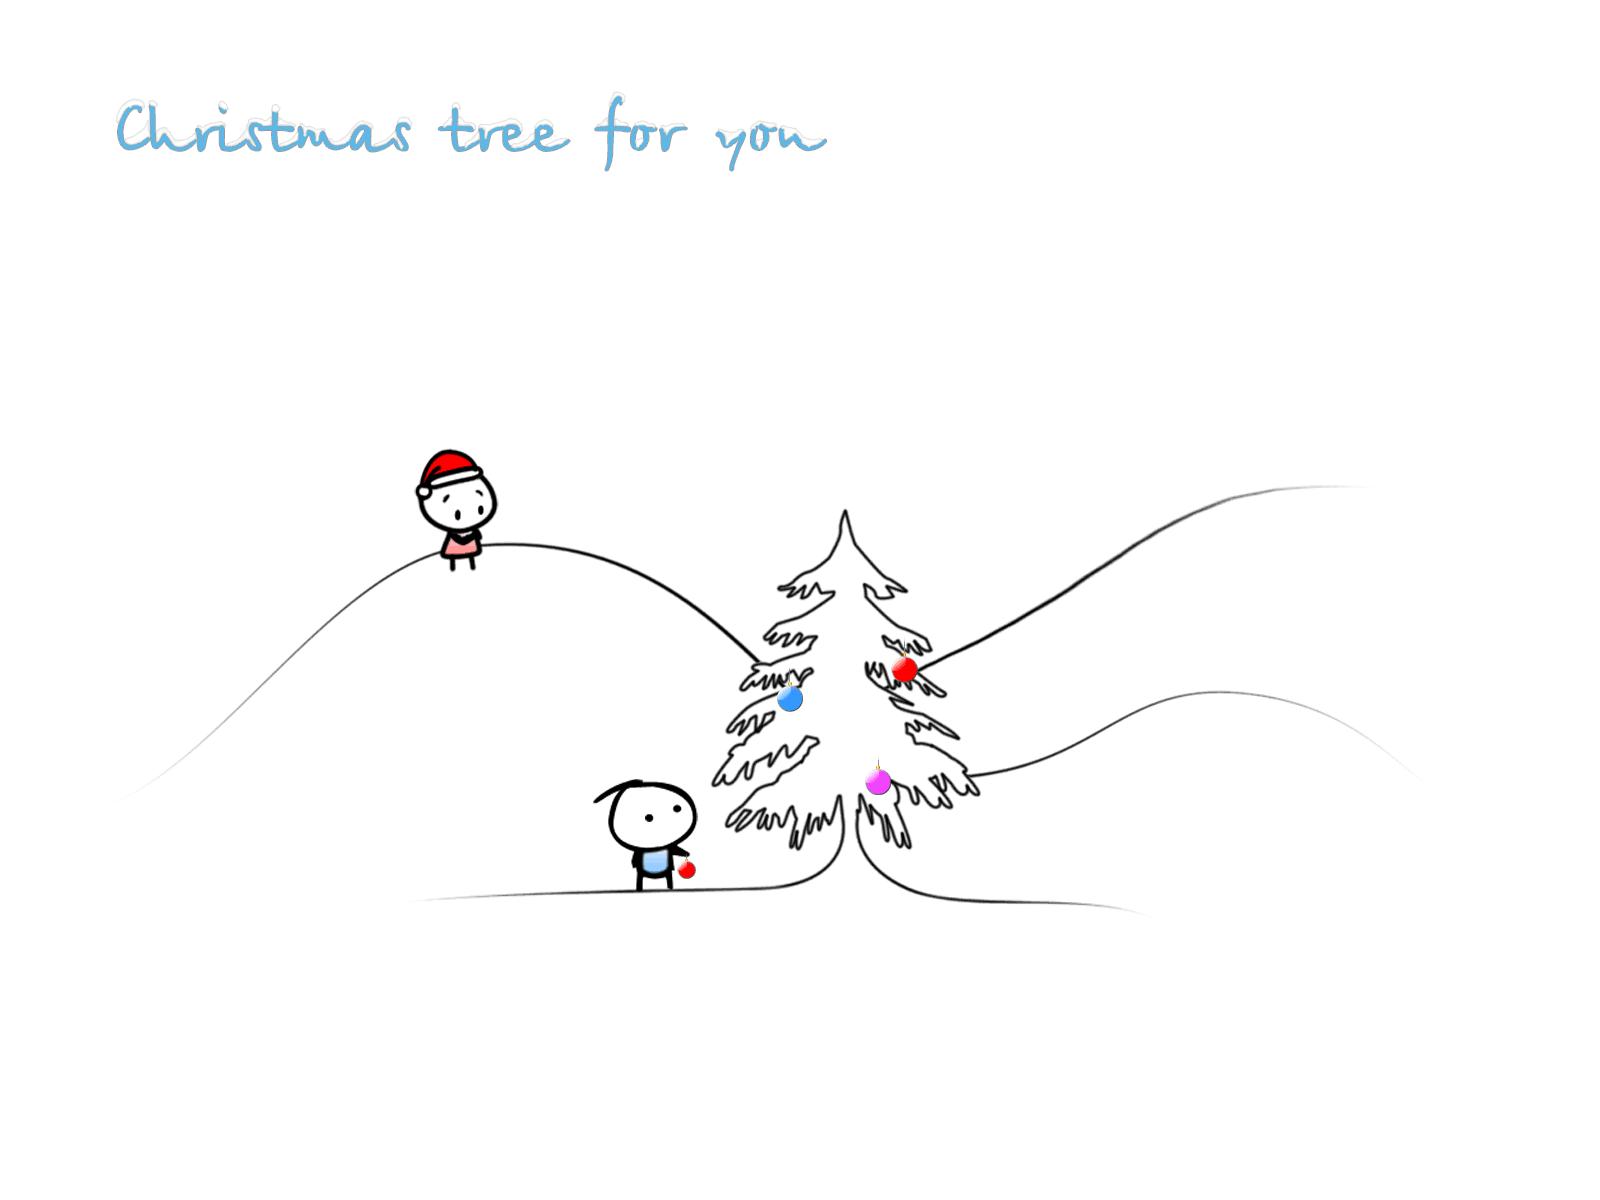 christmas_tree_for_you_by_hiraku_makimura.png